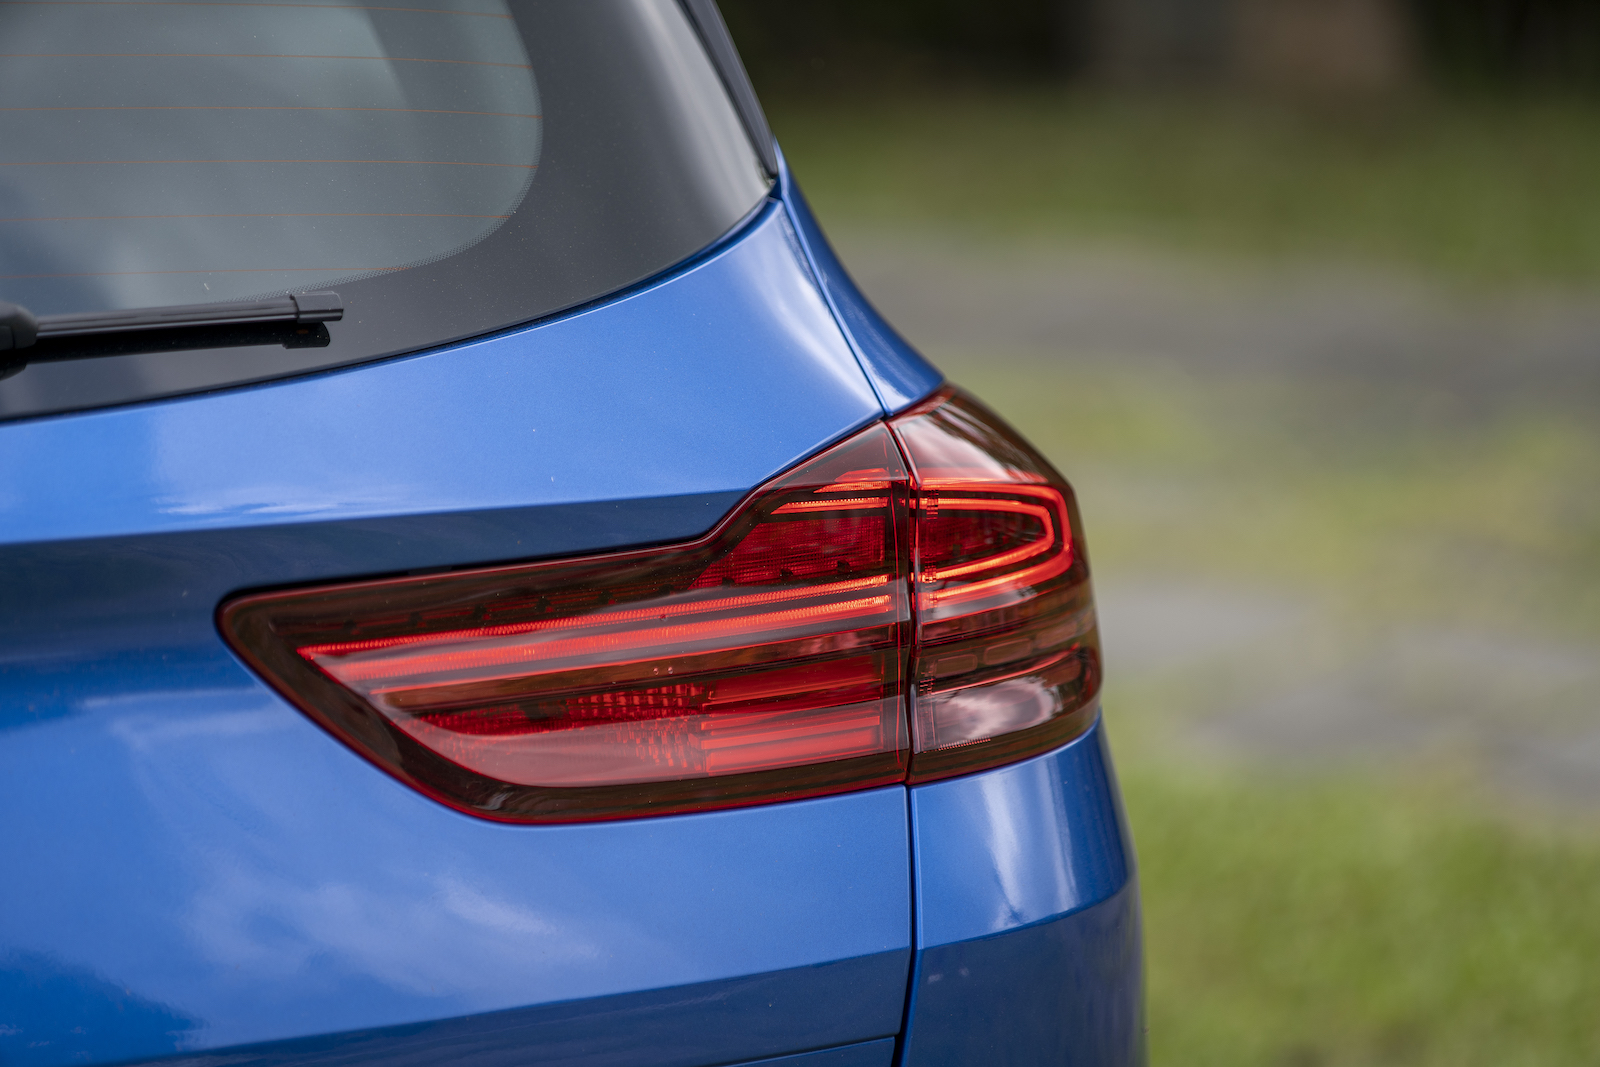 尾燈造型總讓人有一點 BMW 的影子在?